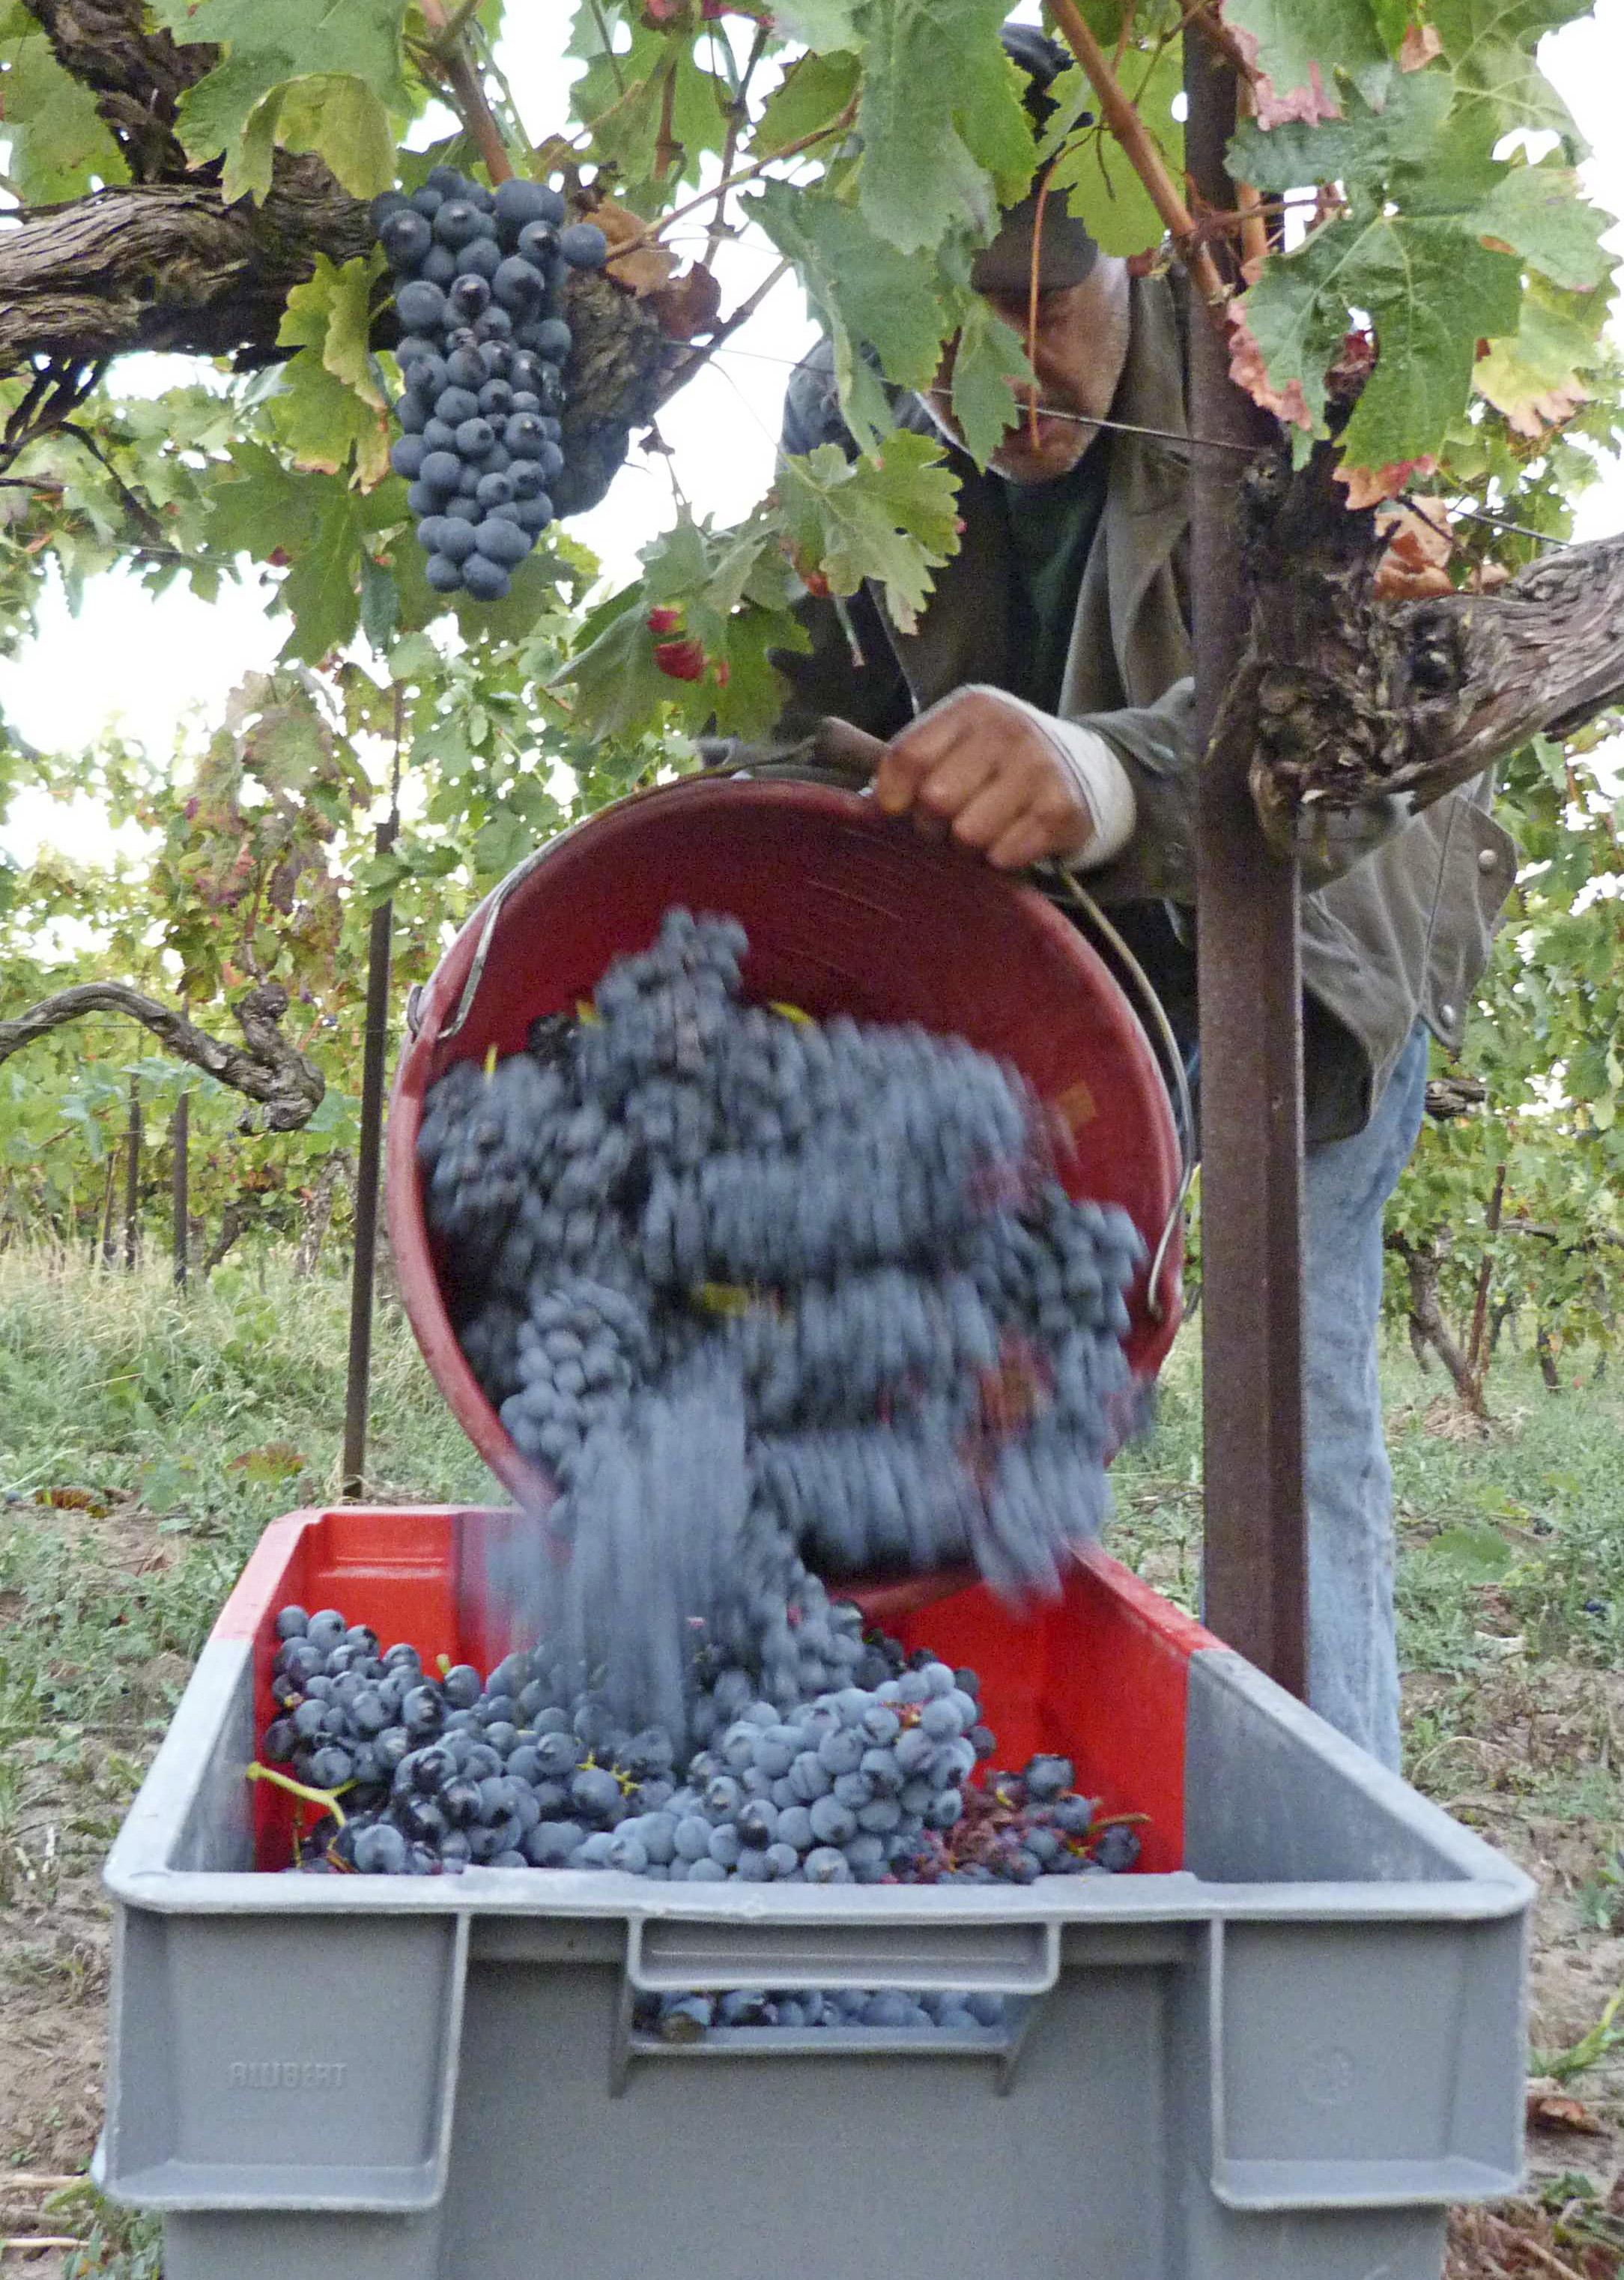 Cressance Vineyard